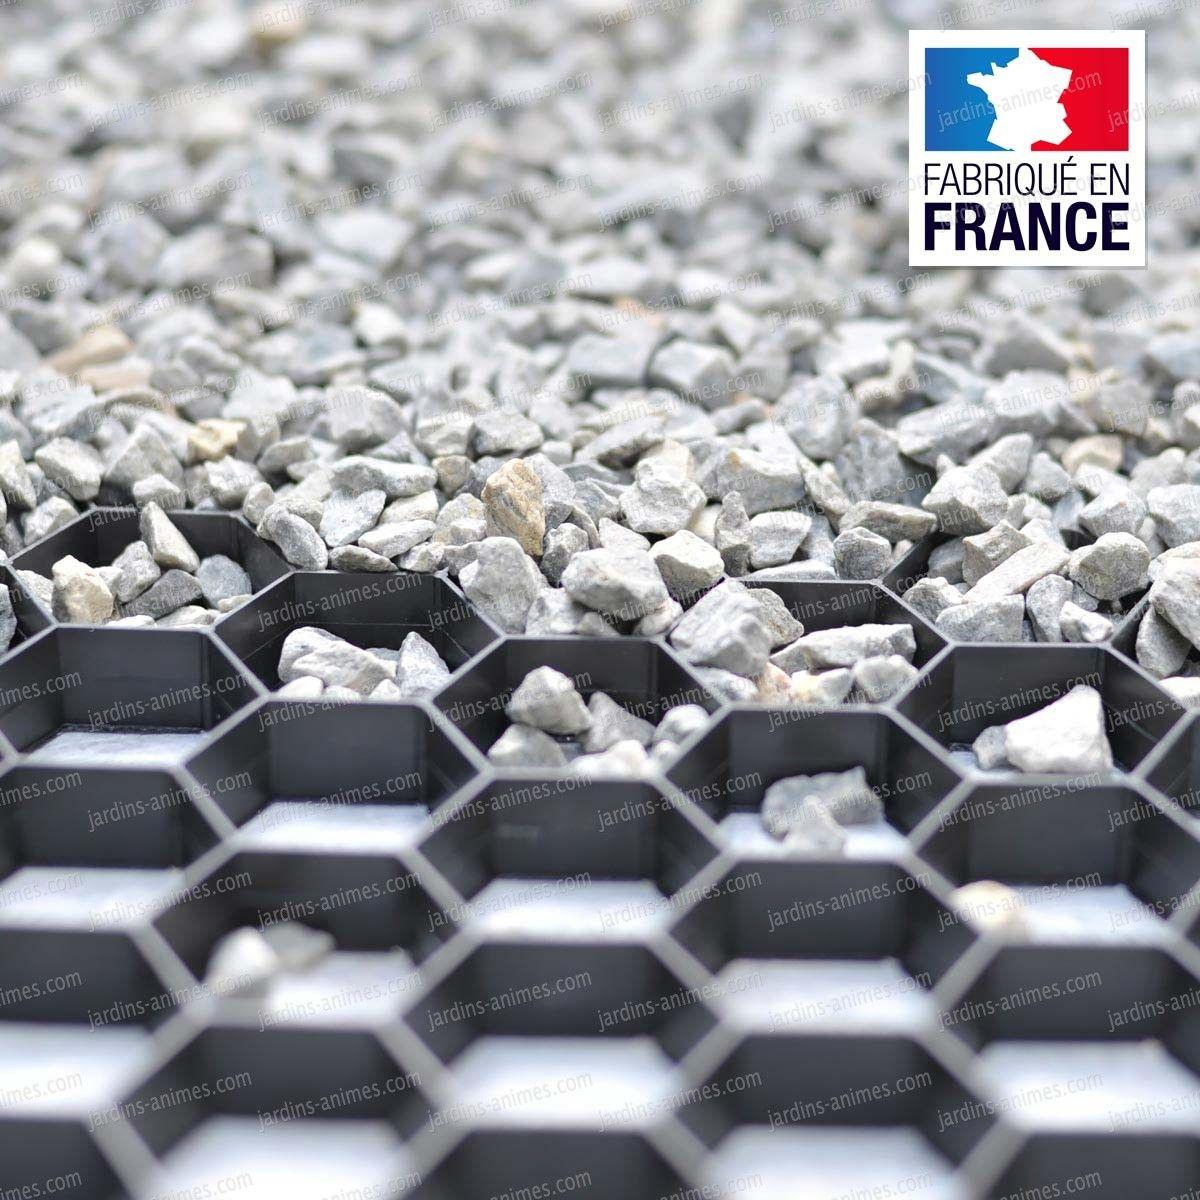 Acheter Gravier Pour Allée stabilisateur de gravier drainant et 100% recyclable